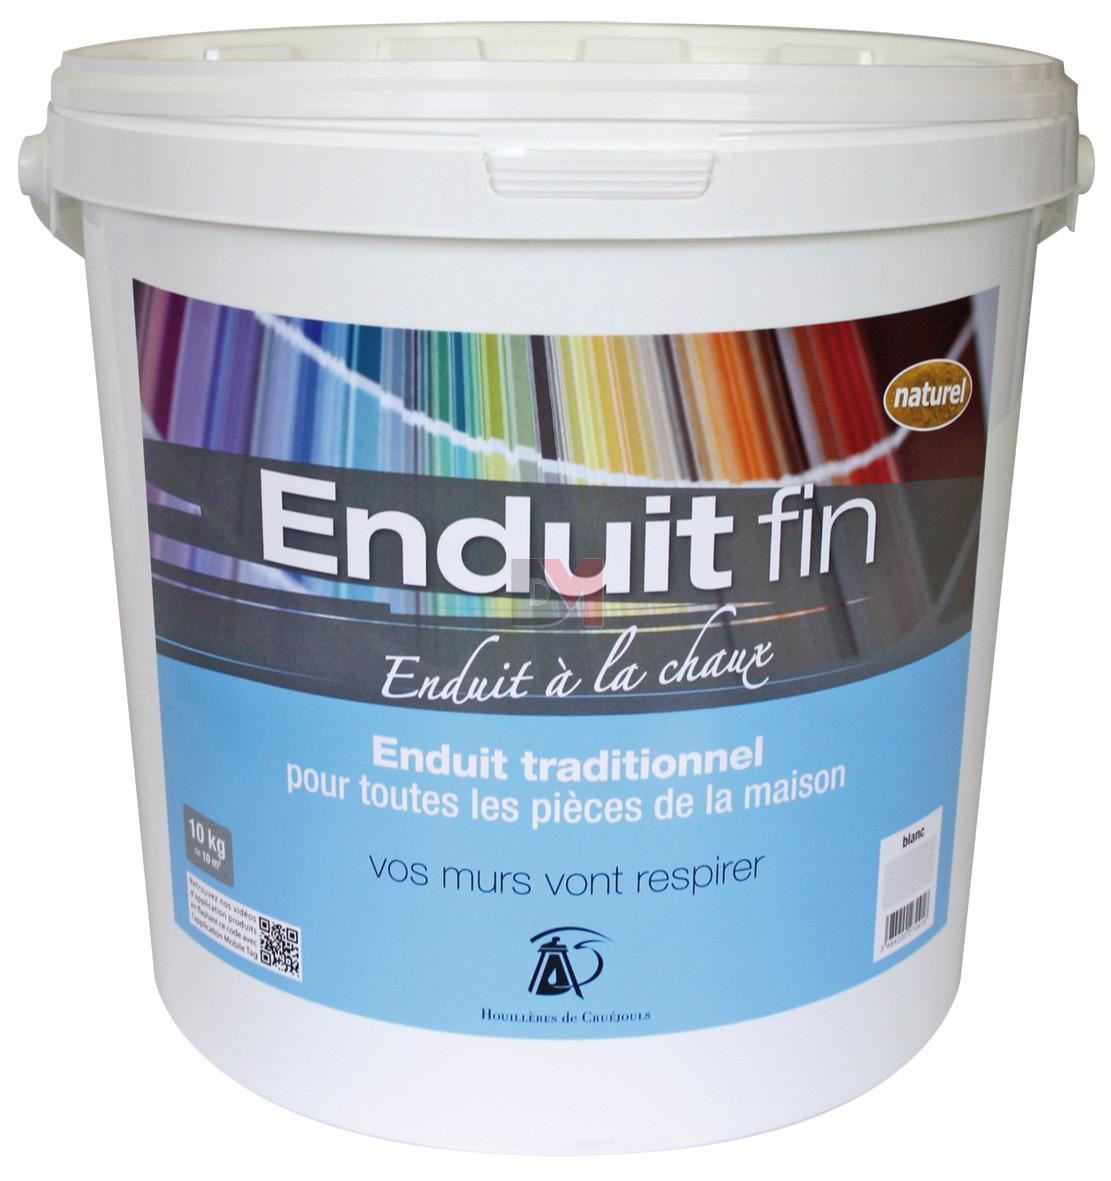 enduit fin la chaux n 1 seau 10 kg produits effet d coratif peinture b timent nos. Black Bedroom Furniture Sets. Home Design Ideas